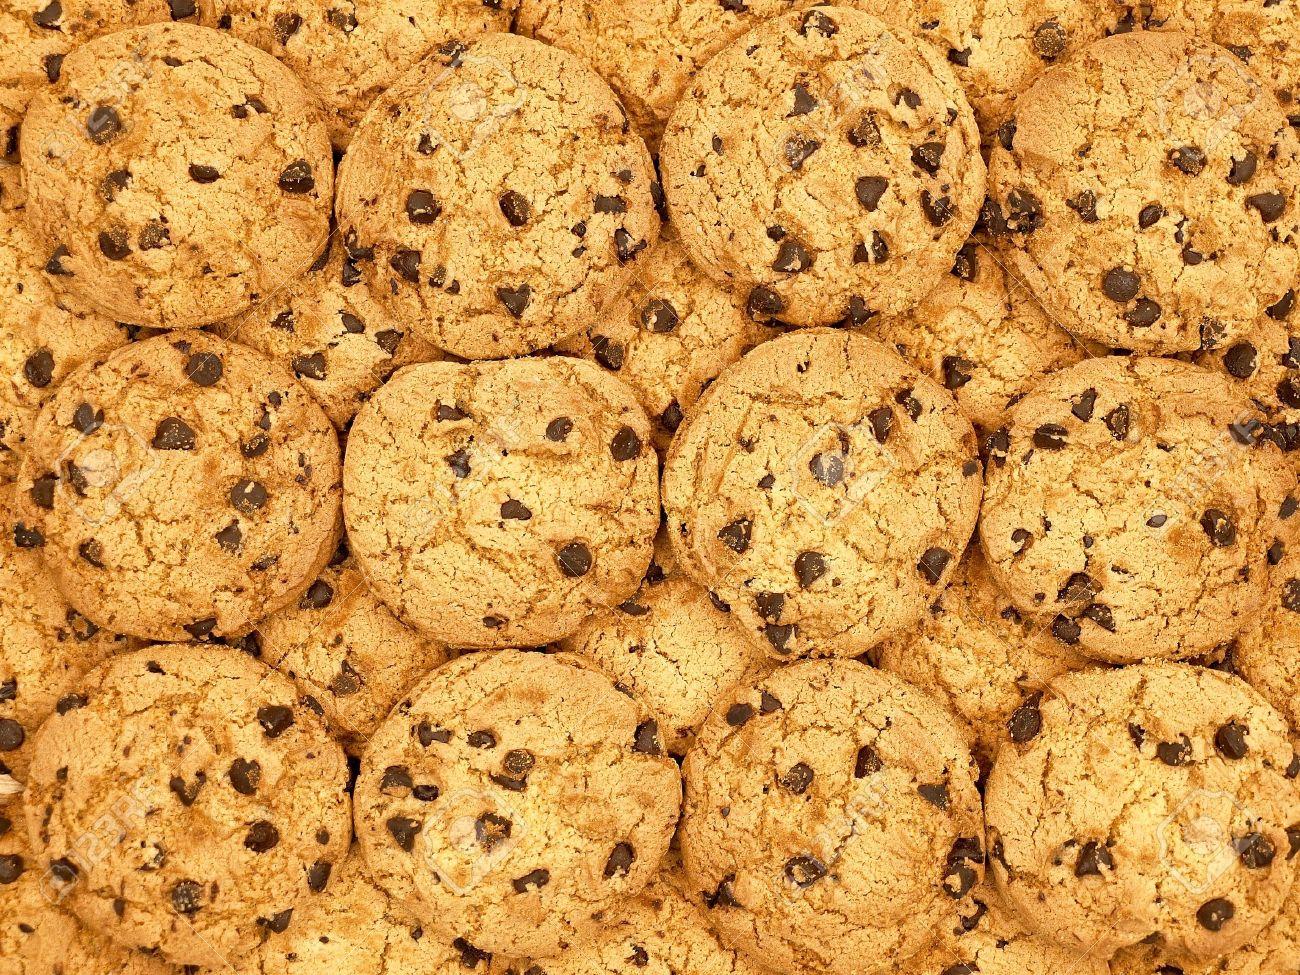 チョコレート チップ クッキーの壁紙の背景 の写真素材 画像素材